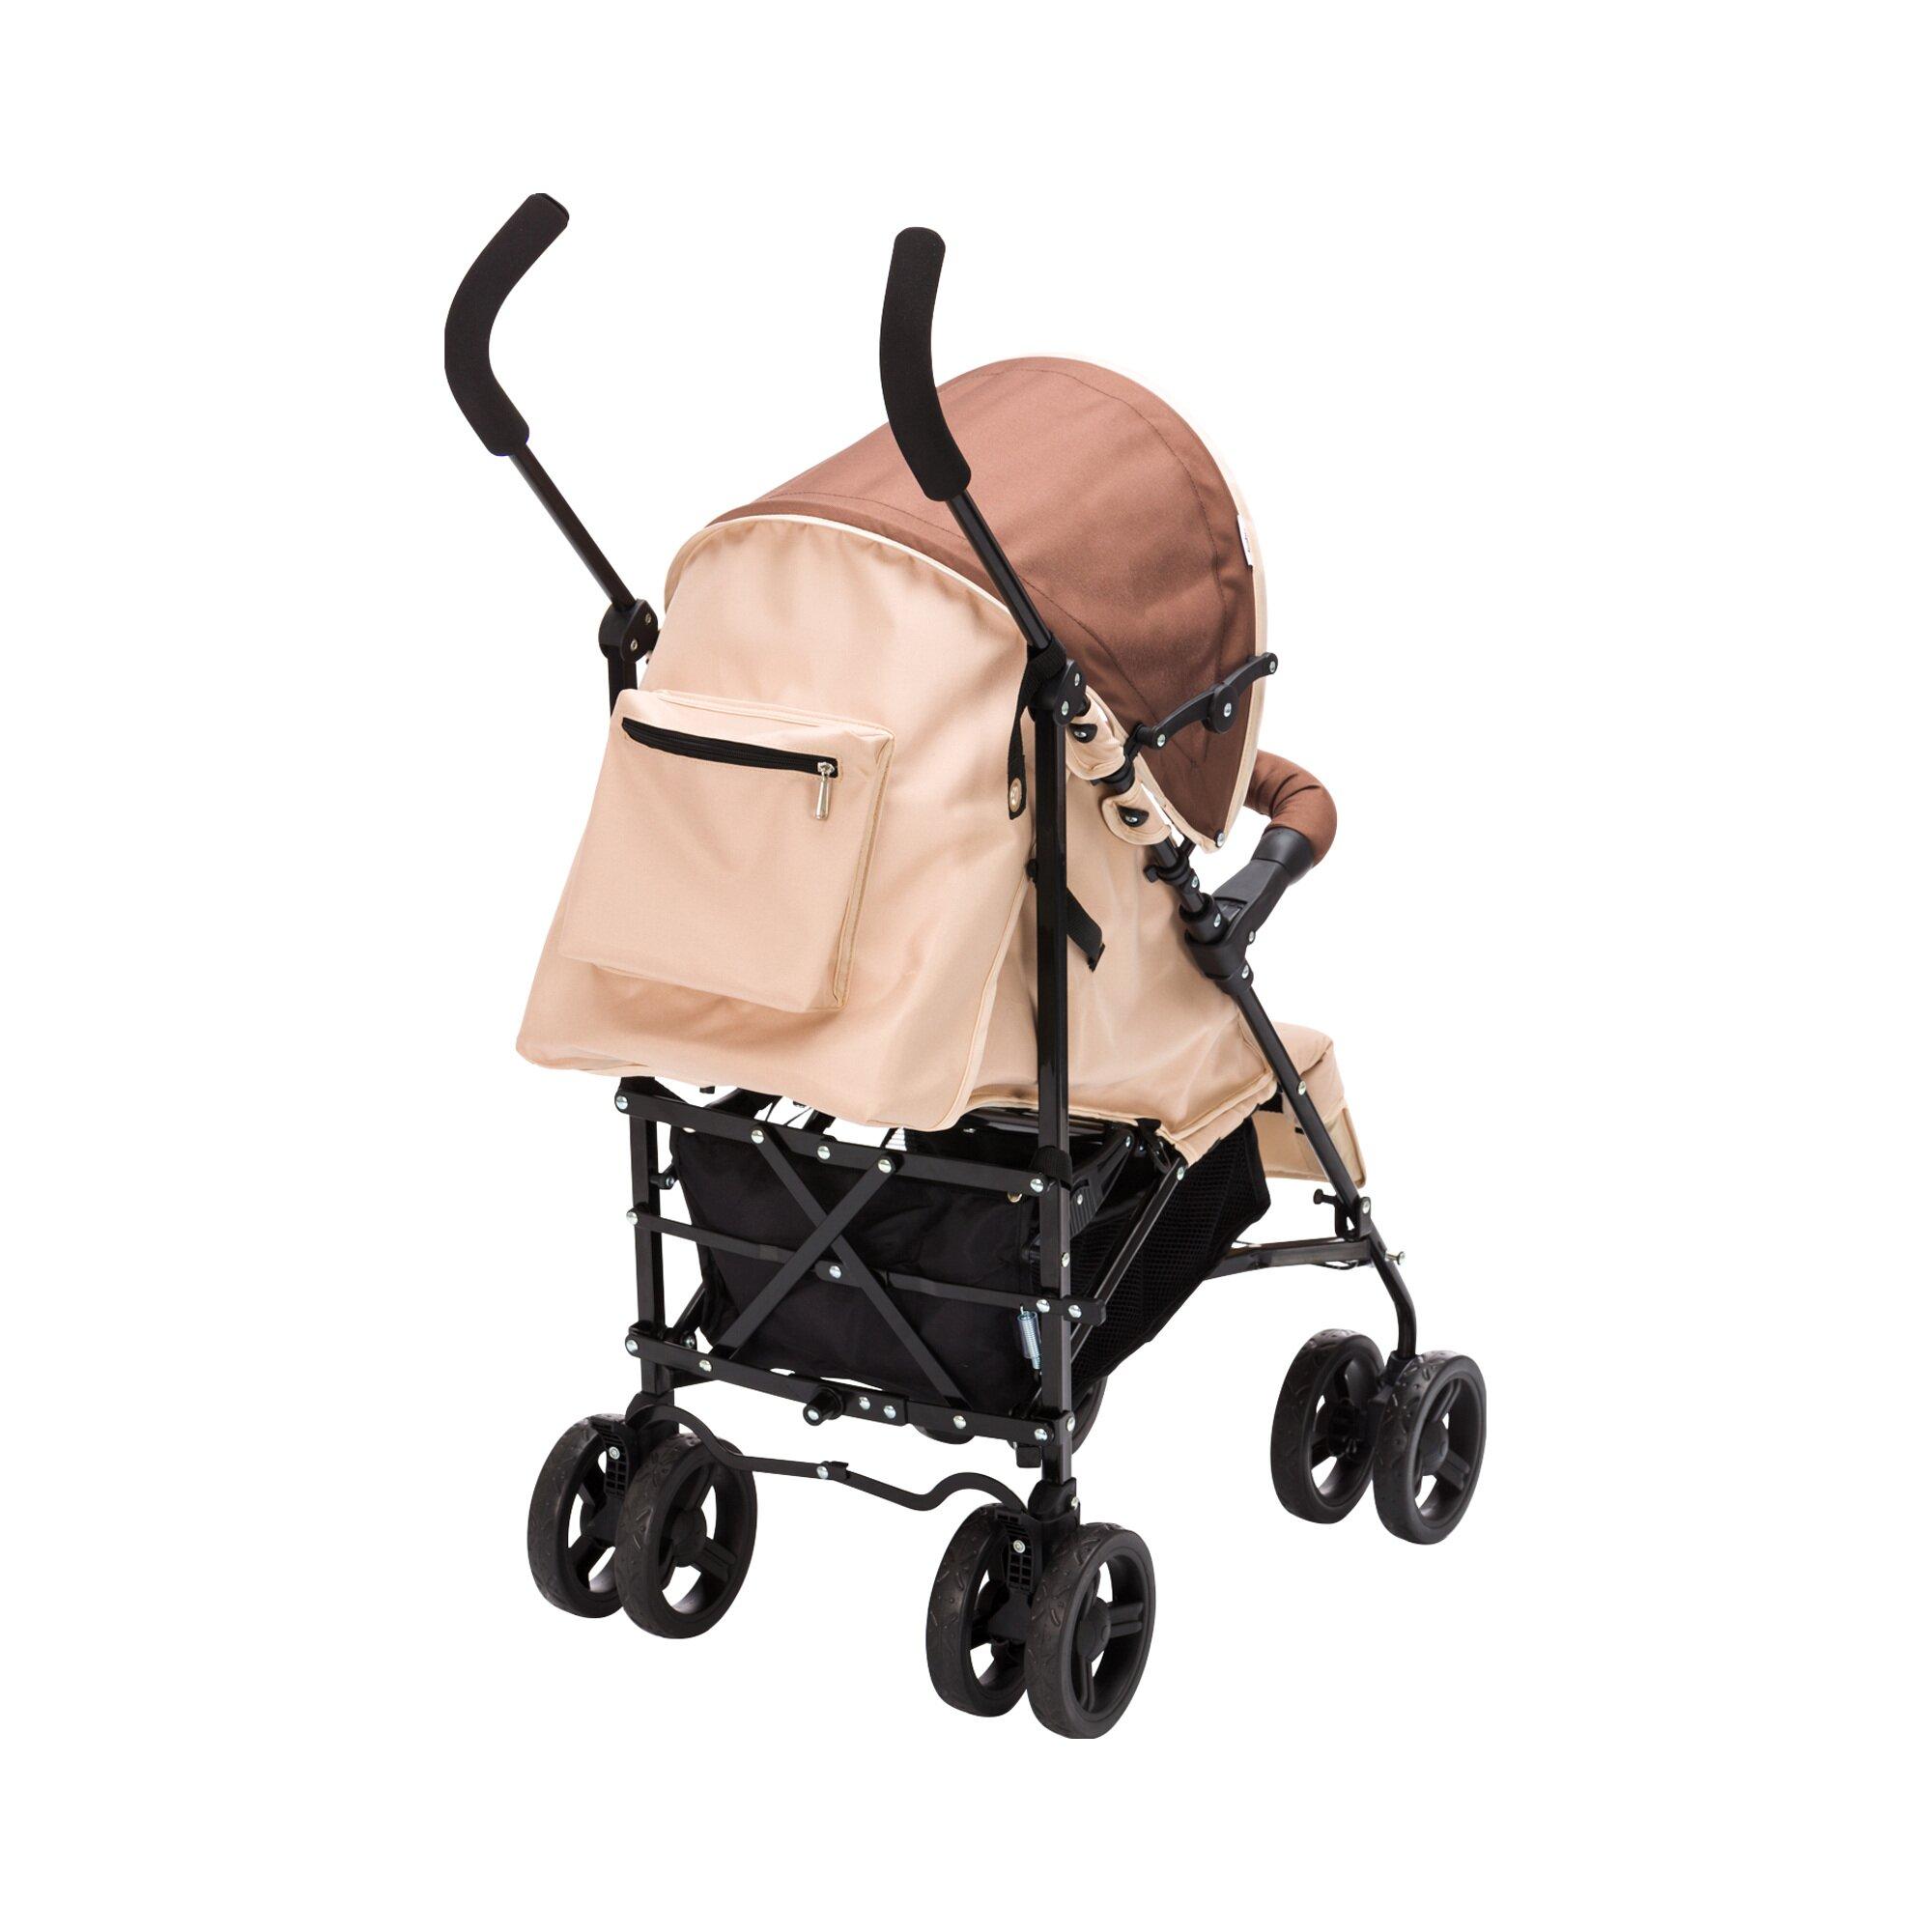 babycab-tom-buggy-mit-liegefunktion-beige